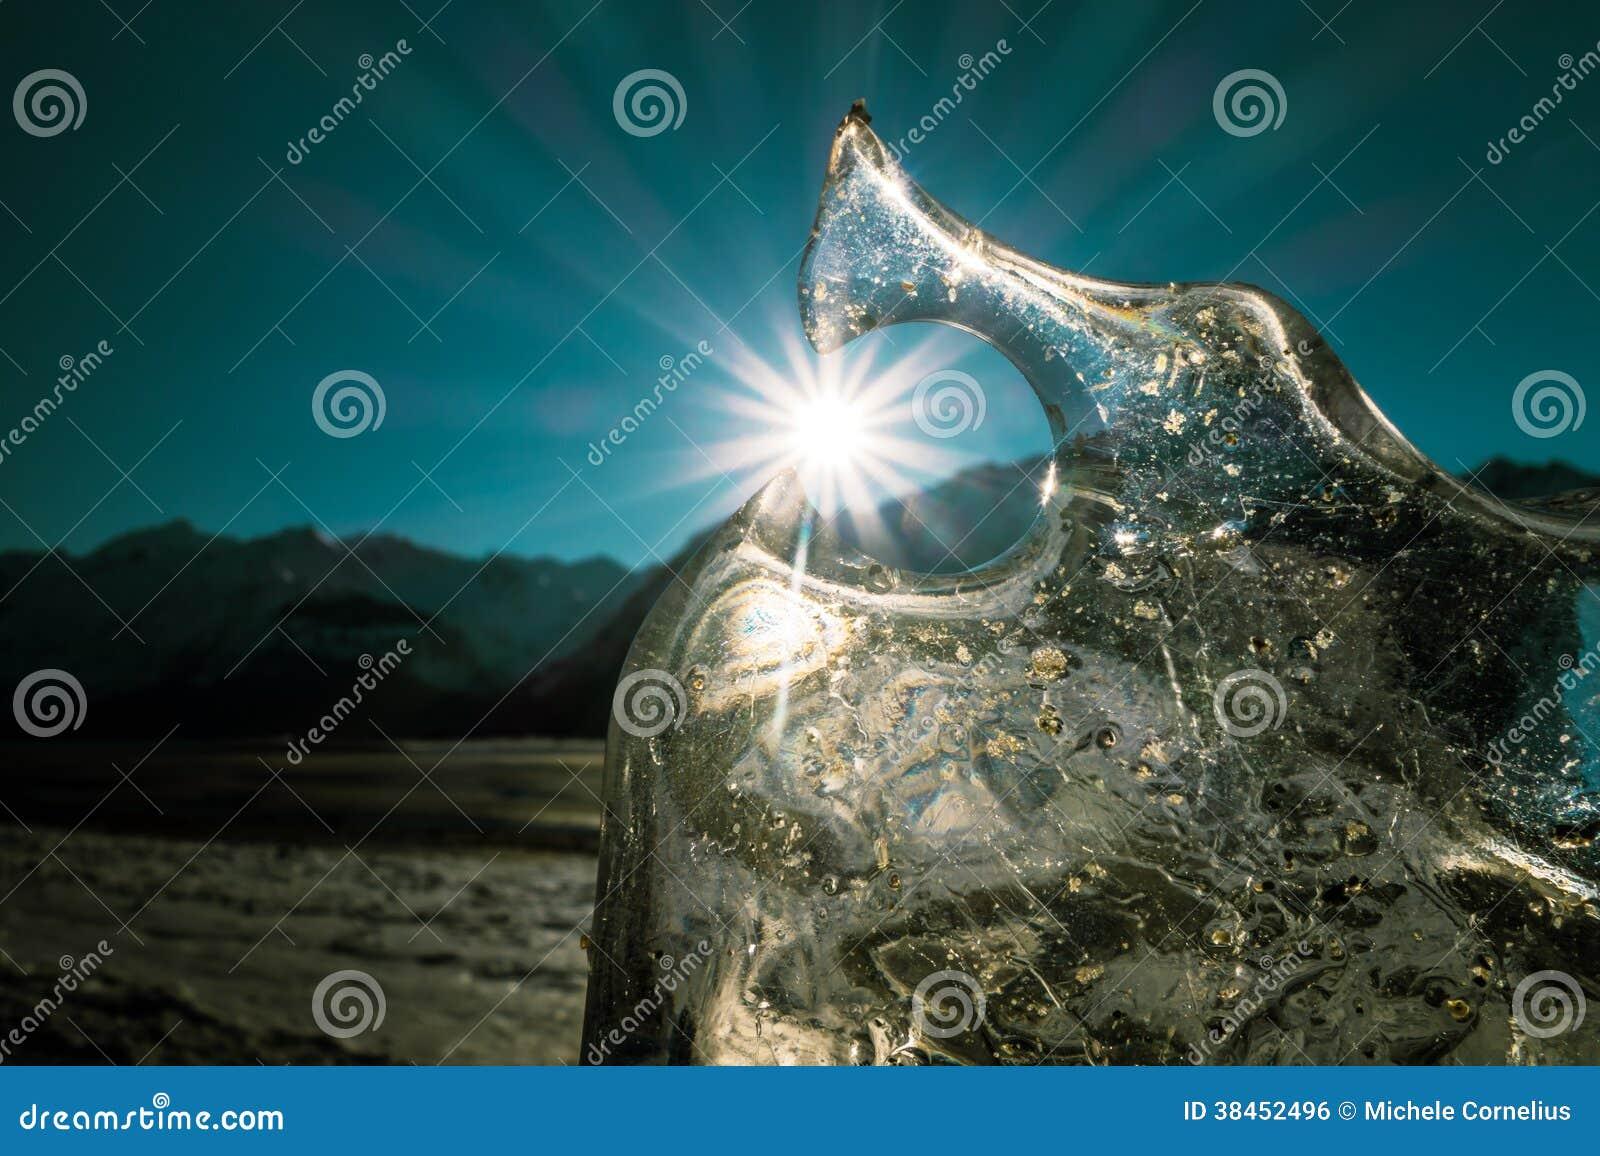 Is med Sunburst